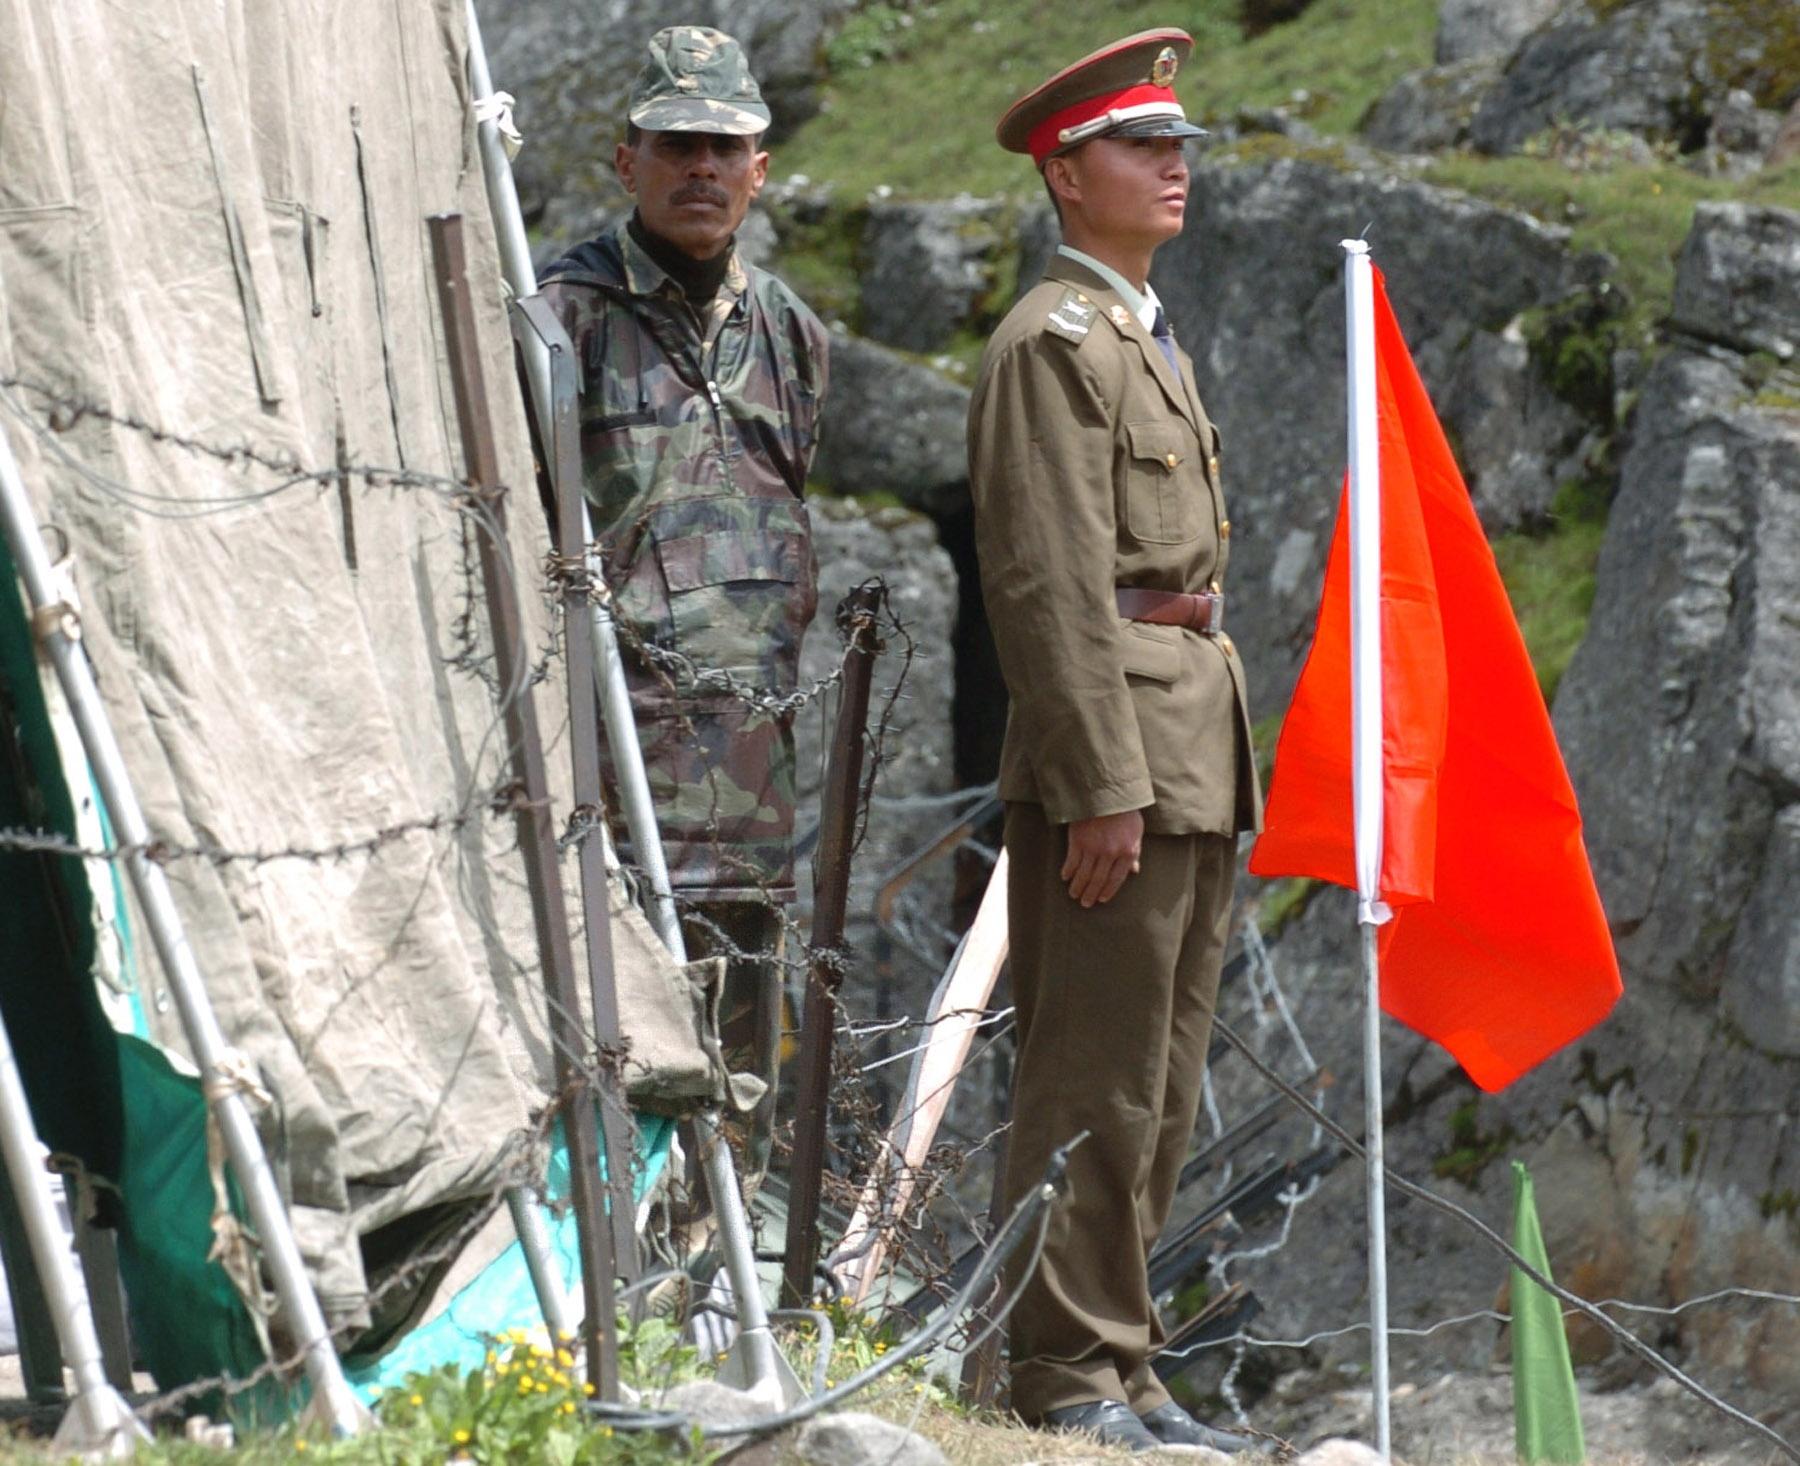 印媒称印度拟建隧道缩短到中国距离 便于军队调遣